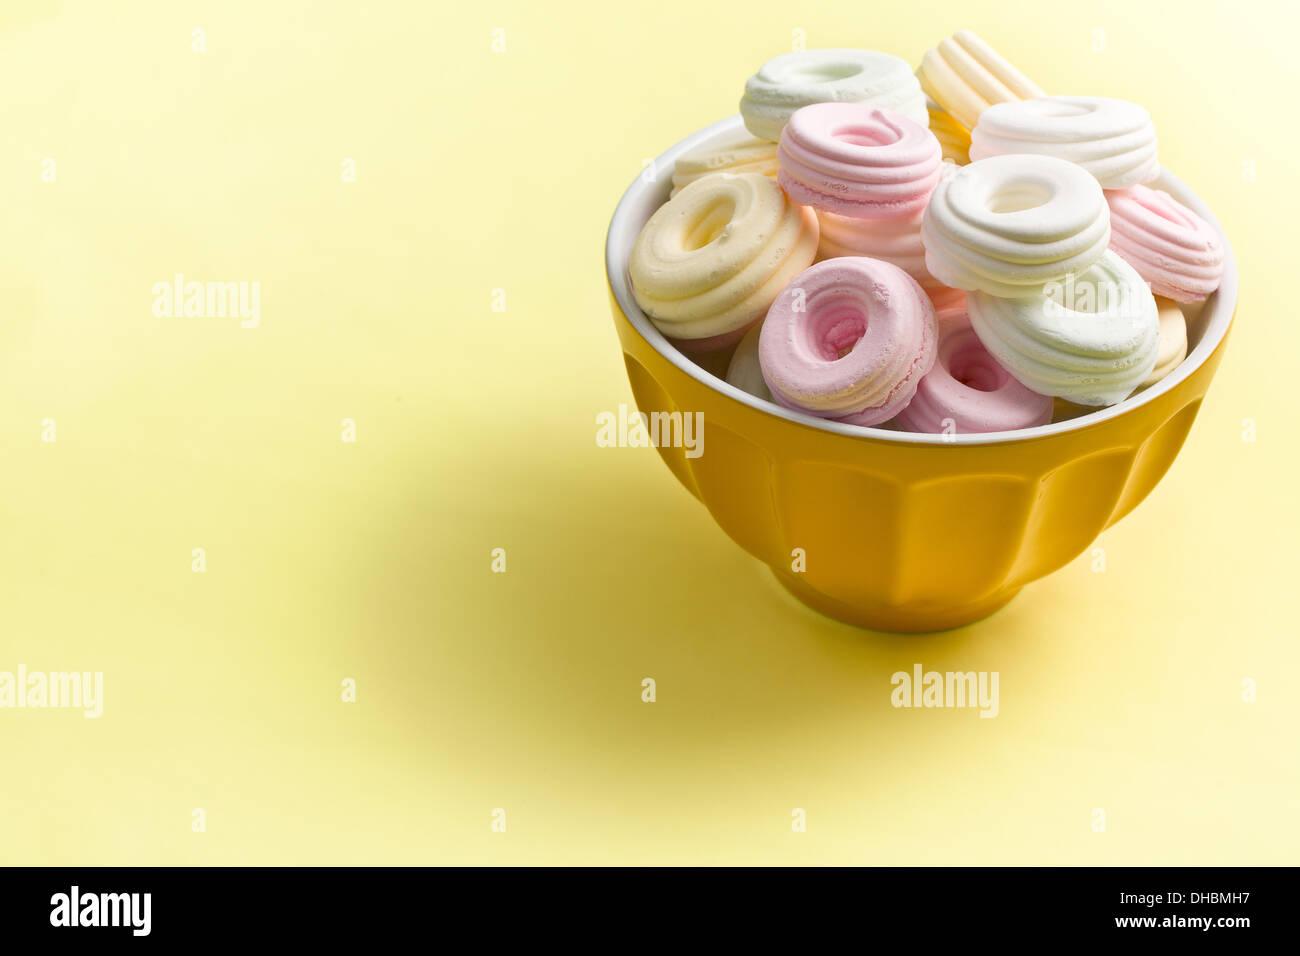 Meringhe colorate in vaso in ceramica su sfondo giallo Immagini Stock